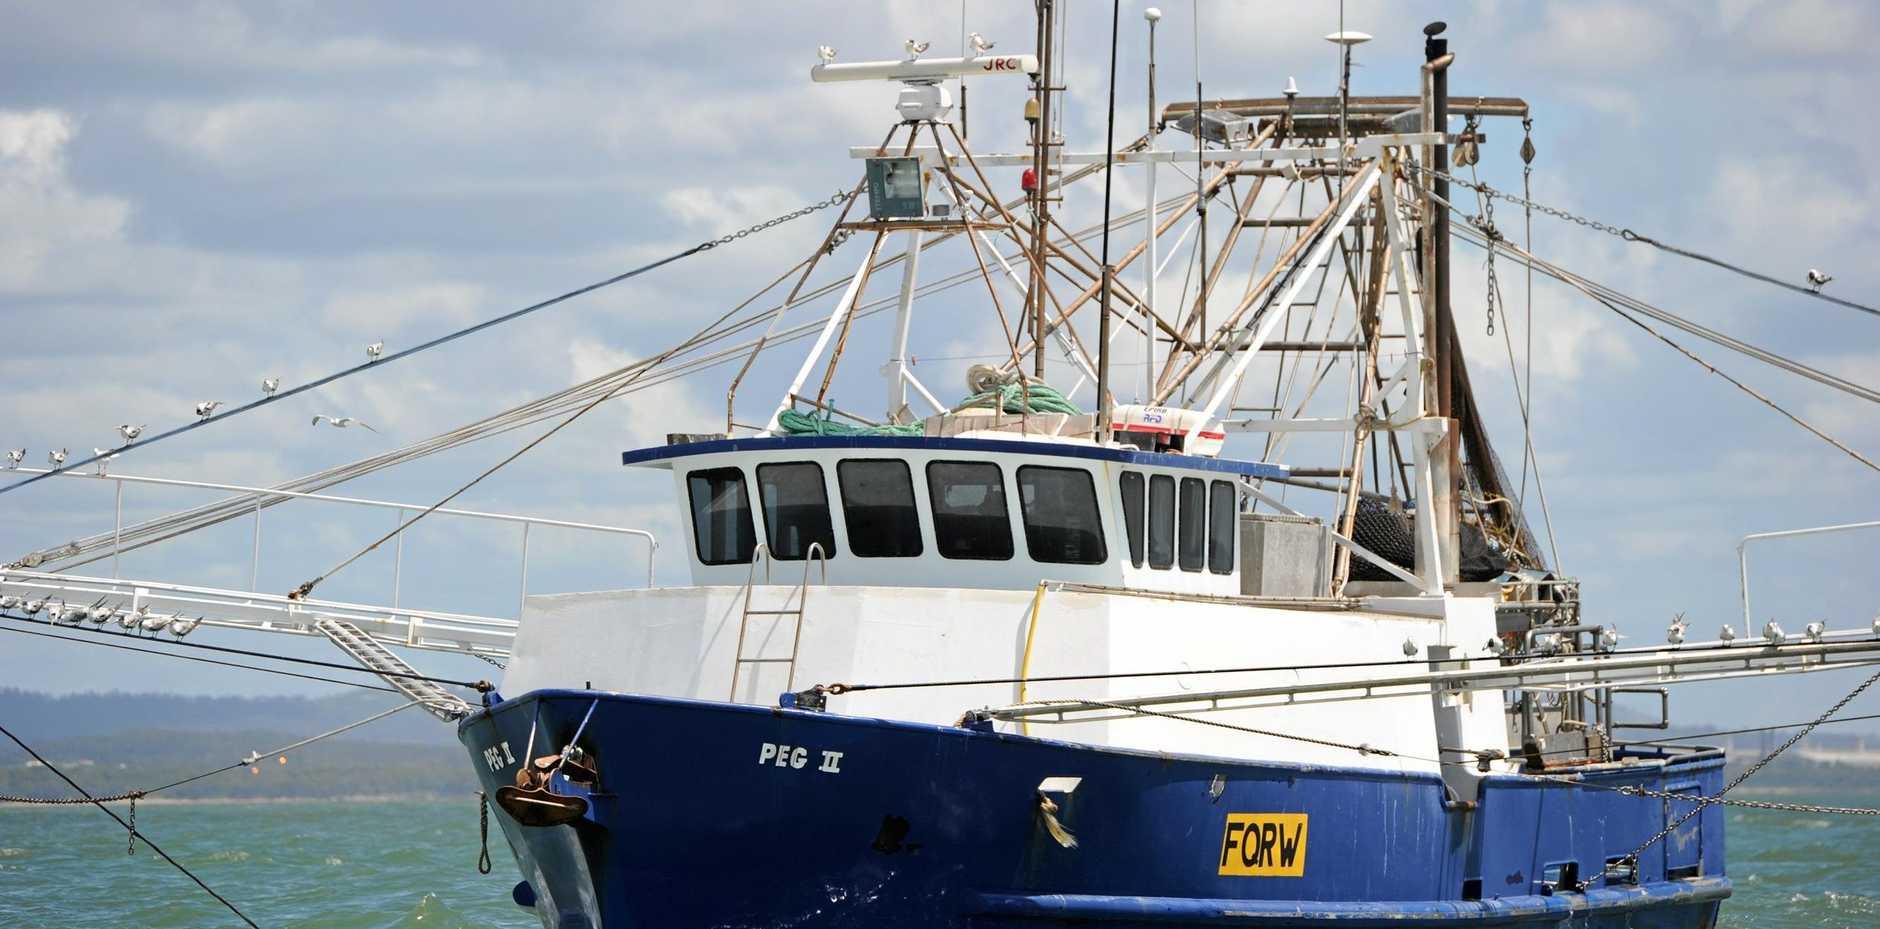 Burnett MP has spoken in parliament supporting commercial fishermen.